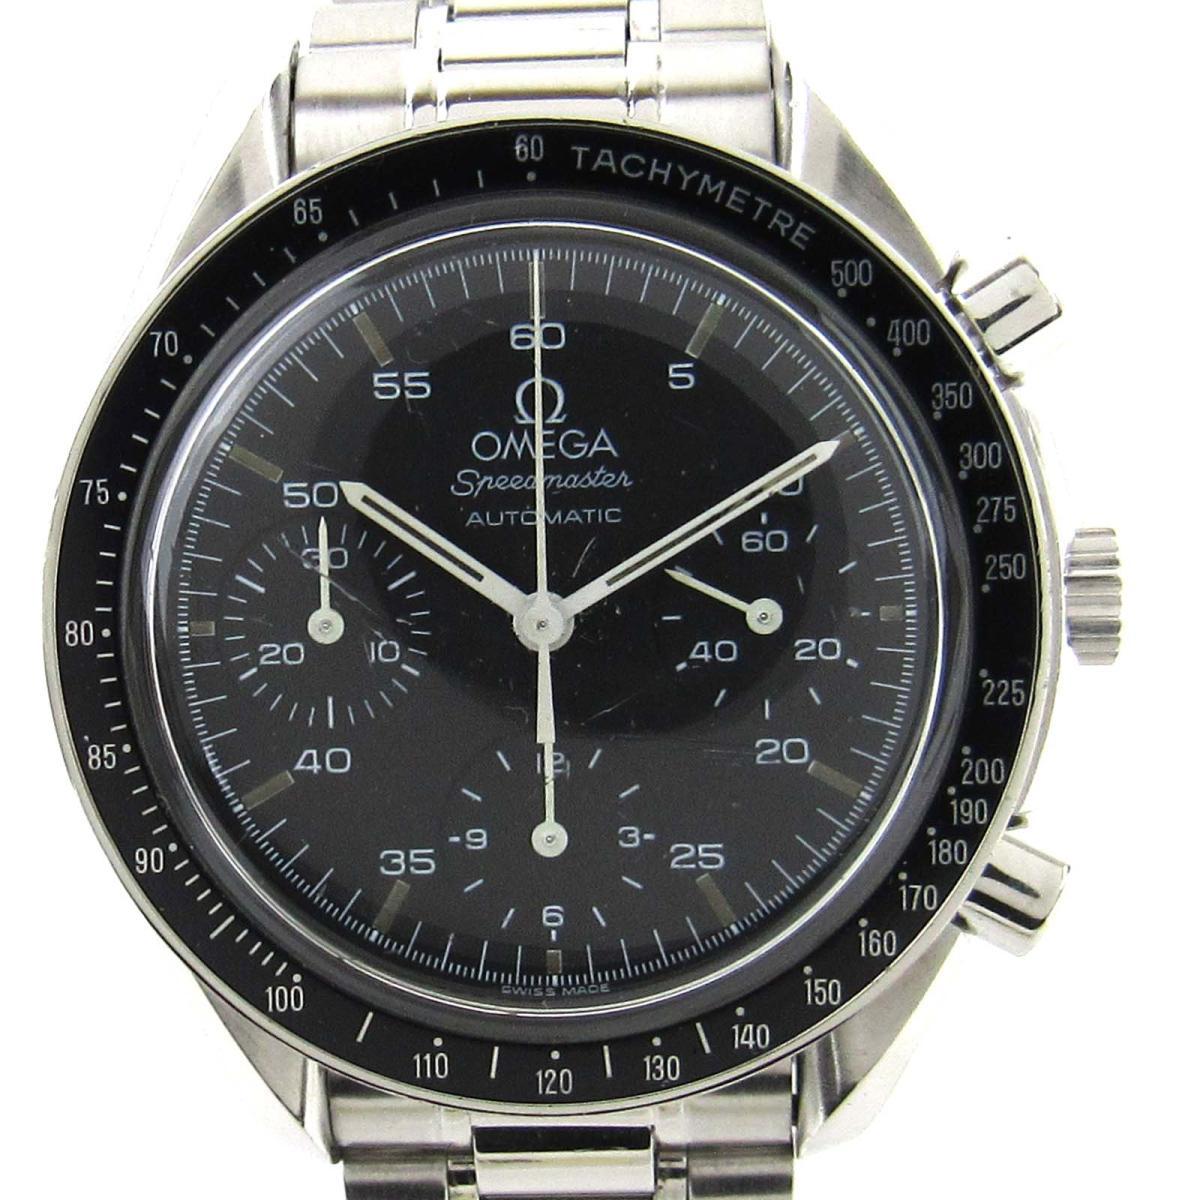 【中古】 オメガ スピードマスター ウォッチ 腕時計 メンズ メンズ ステンレススチール (SS) (351050)   OMEGA オートマチック 自動巻き 時計 スピードマスター 美品 ブランドオフ